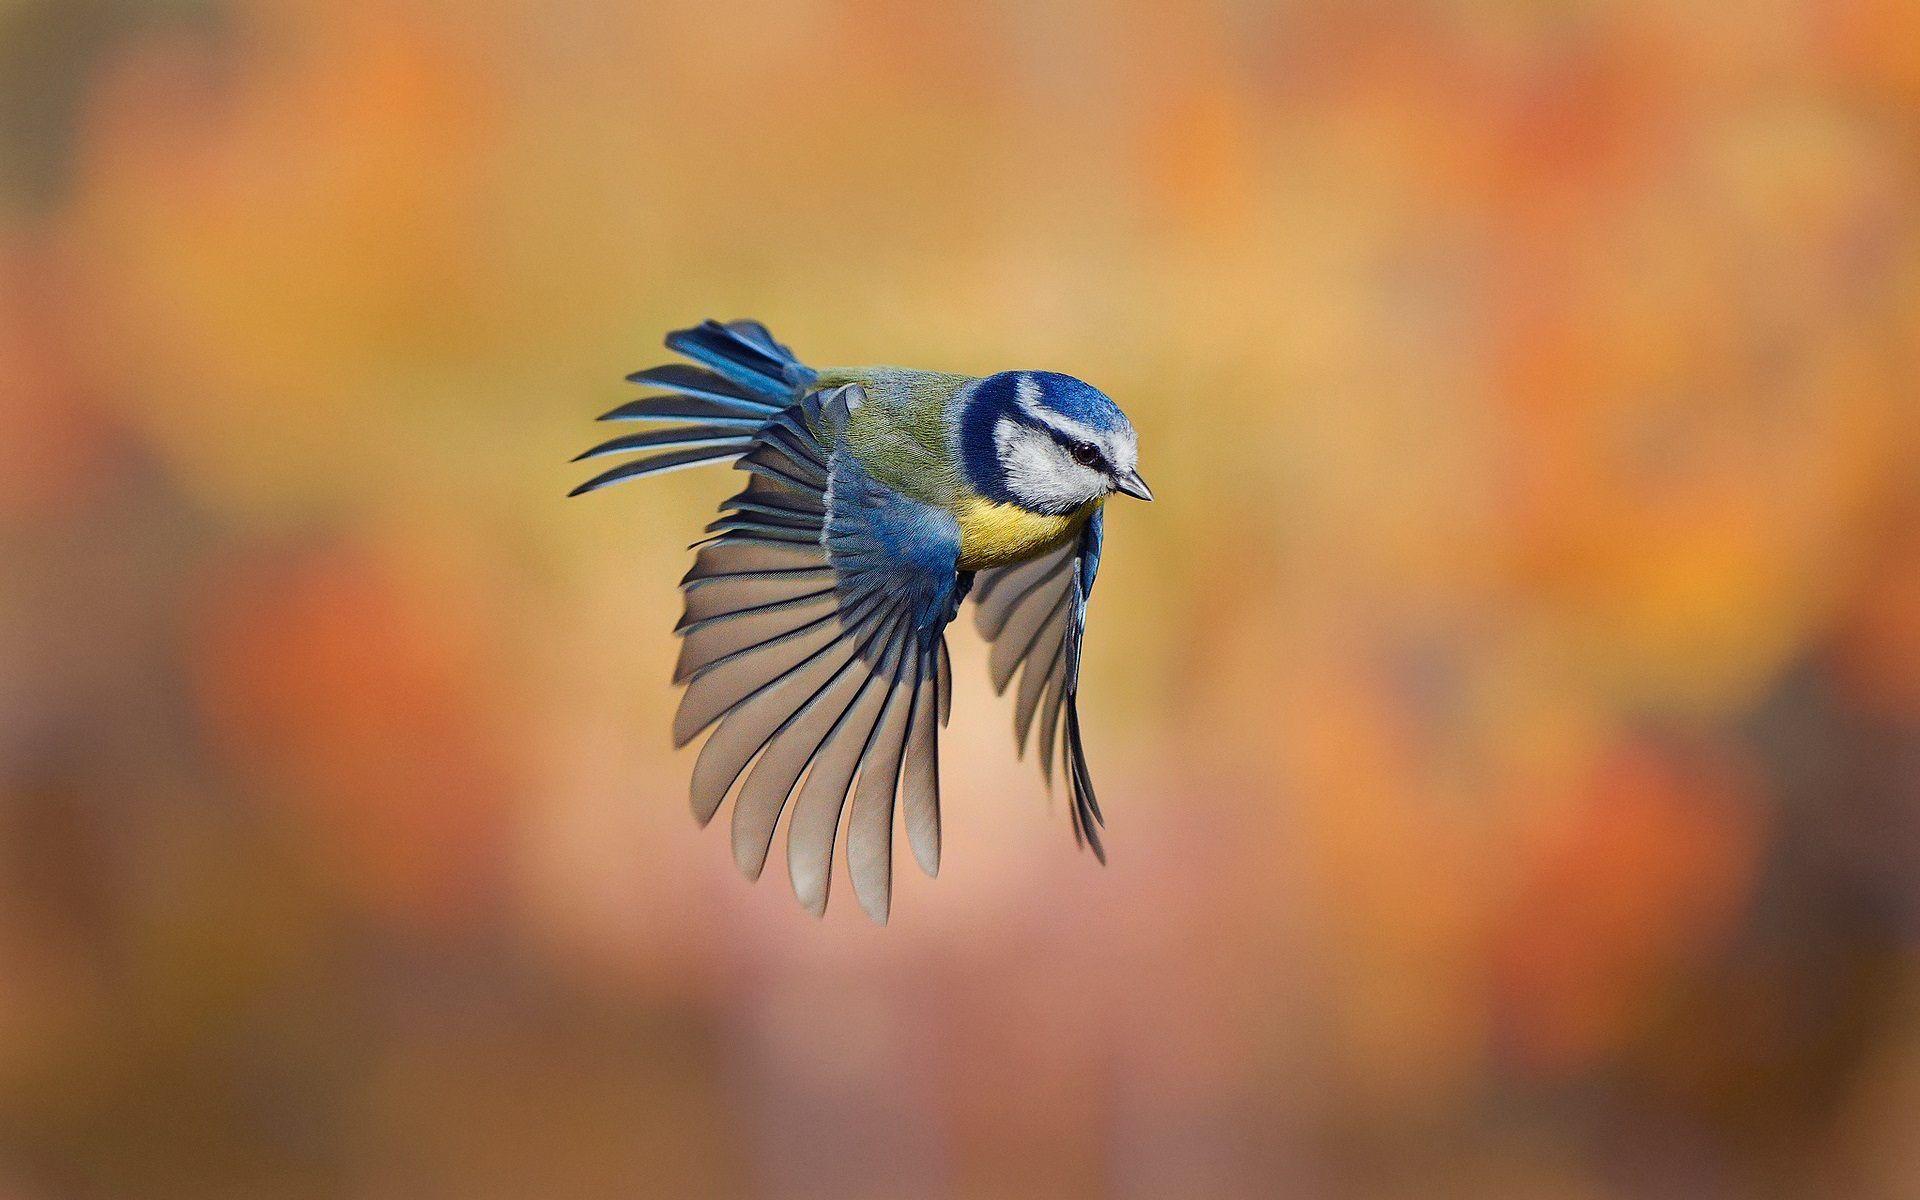 Hình nền chú chim non đang bay